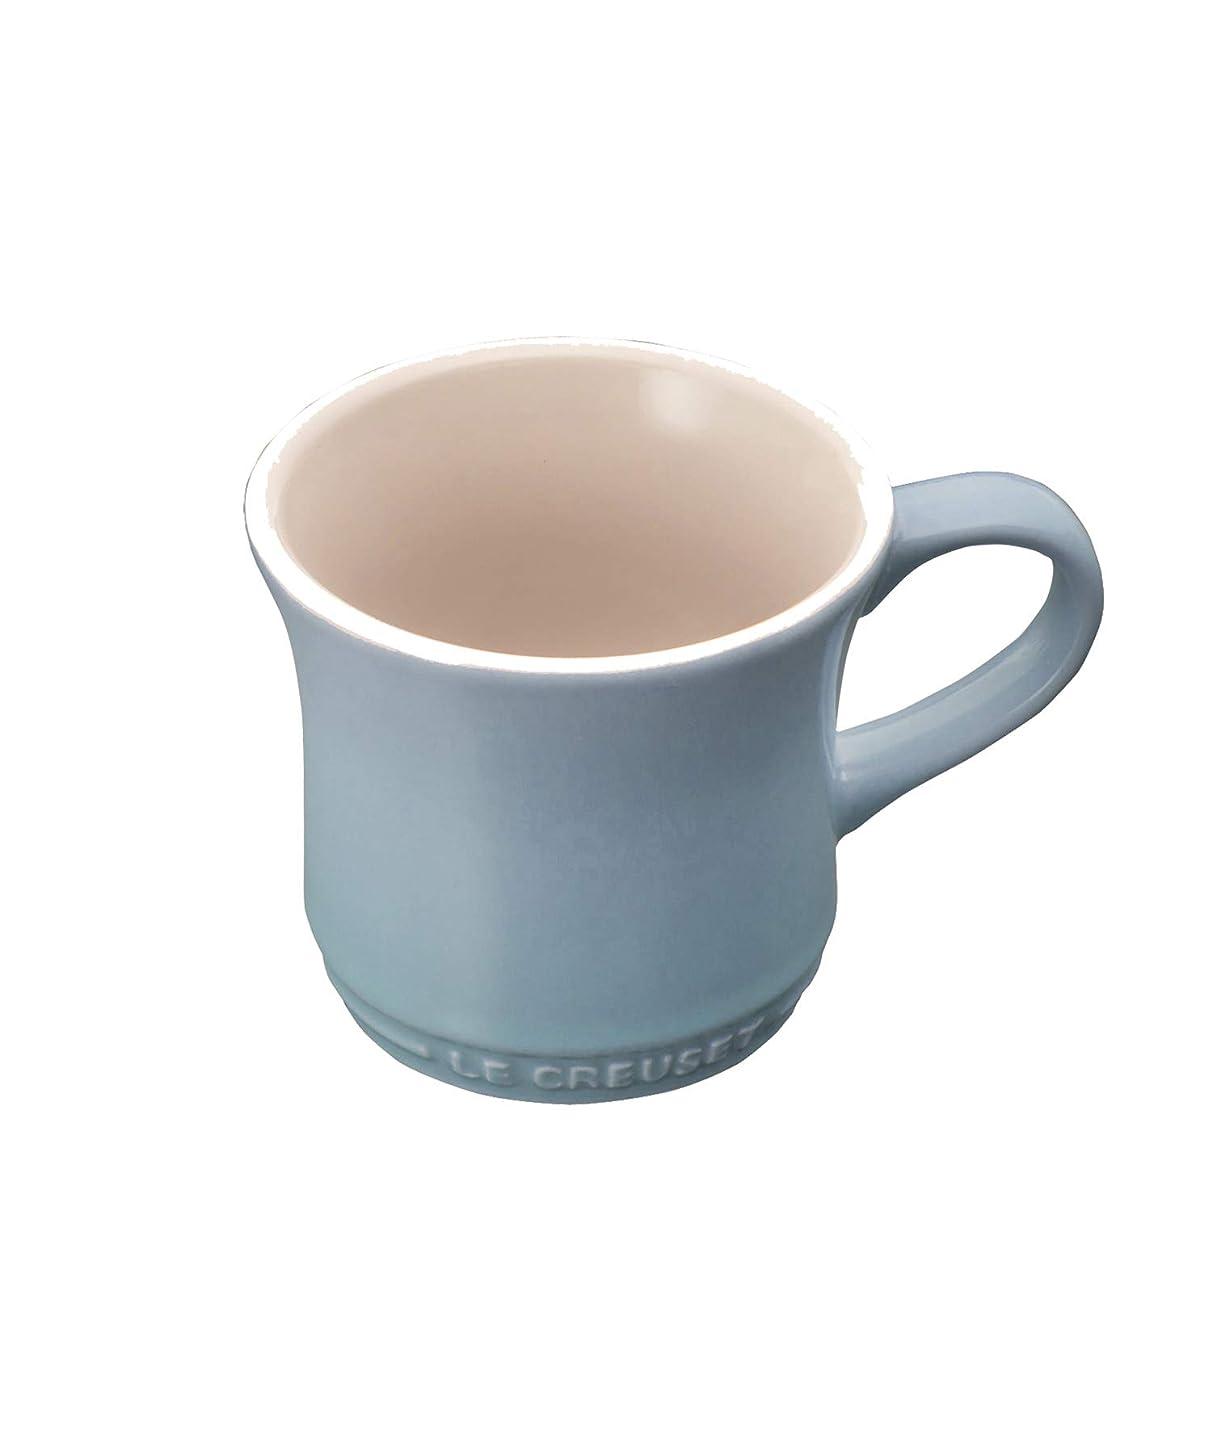 シャーショート言うまでもなくLe Creuset マグカップ ミネラルブルー SS 910072-11-451